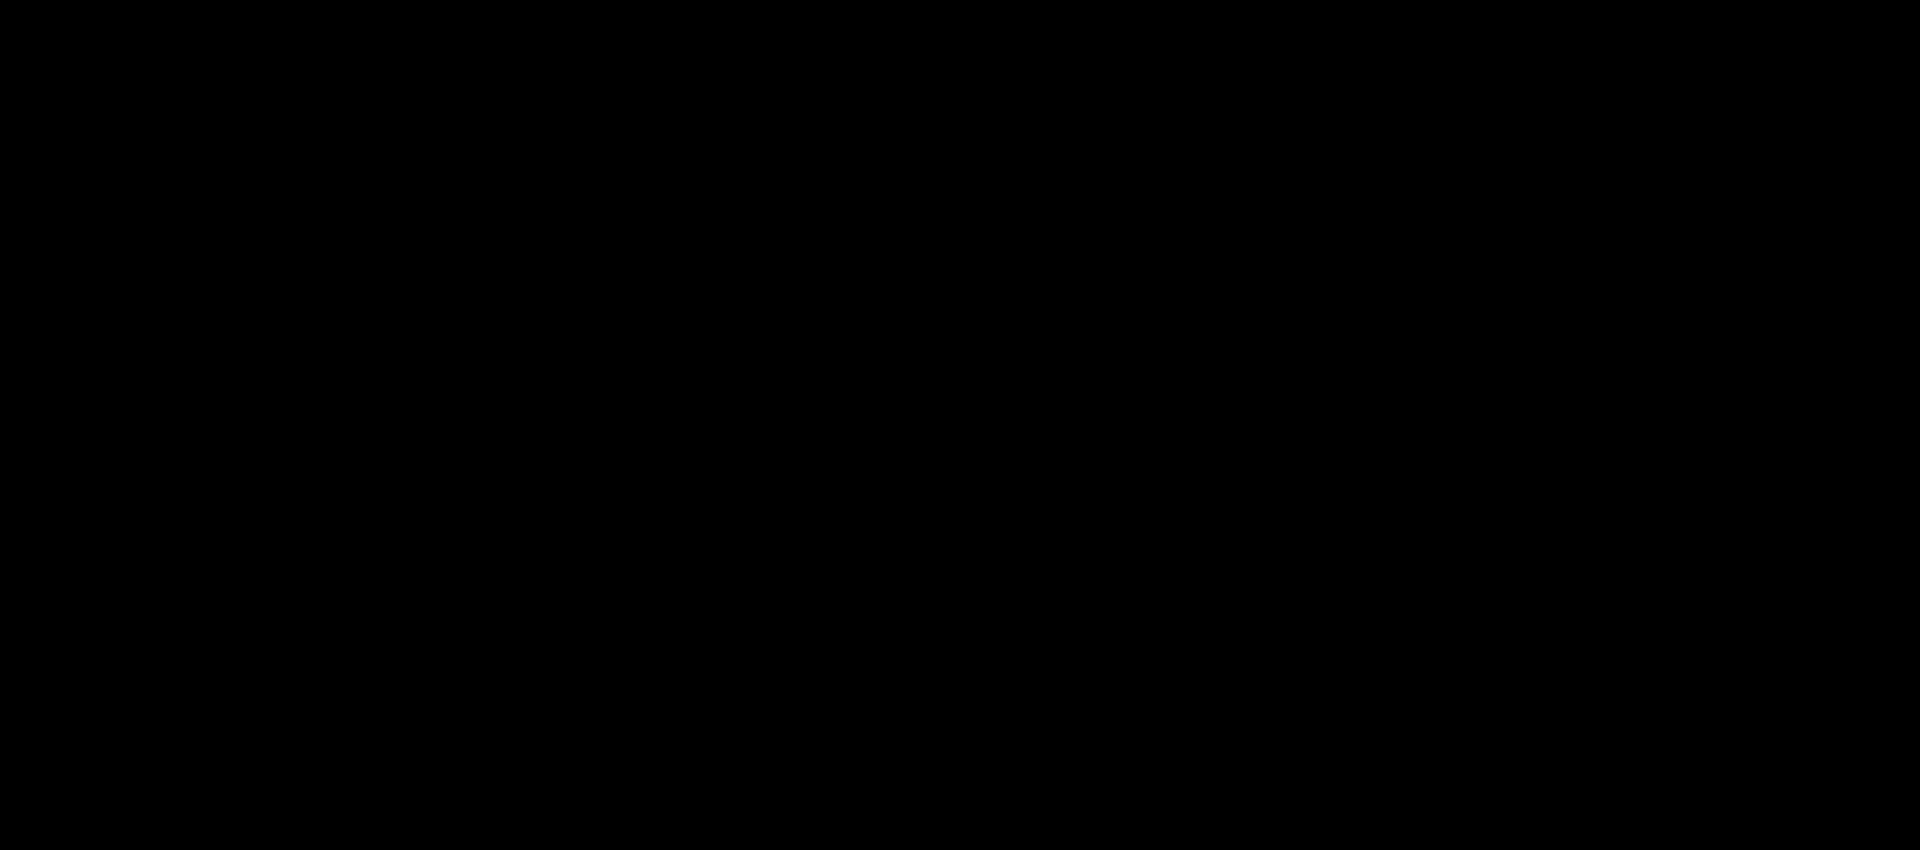 sebastian-banner-ext1920